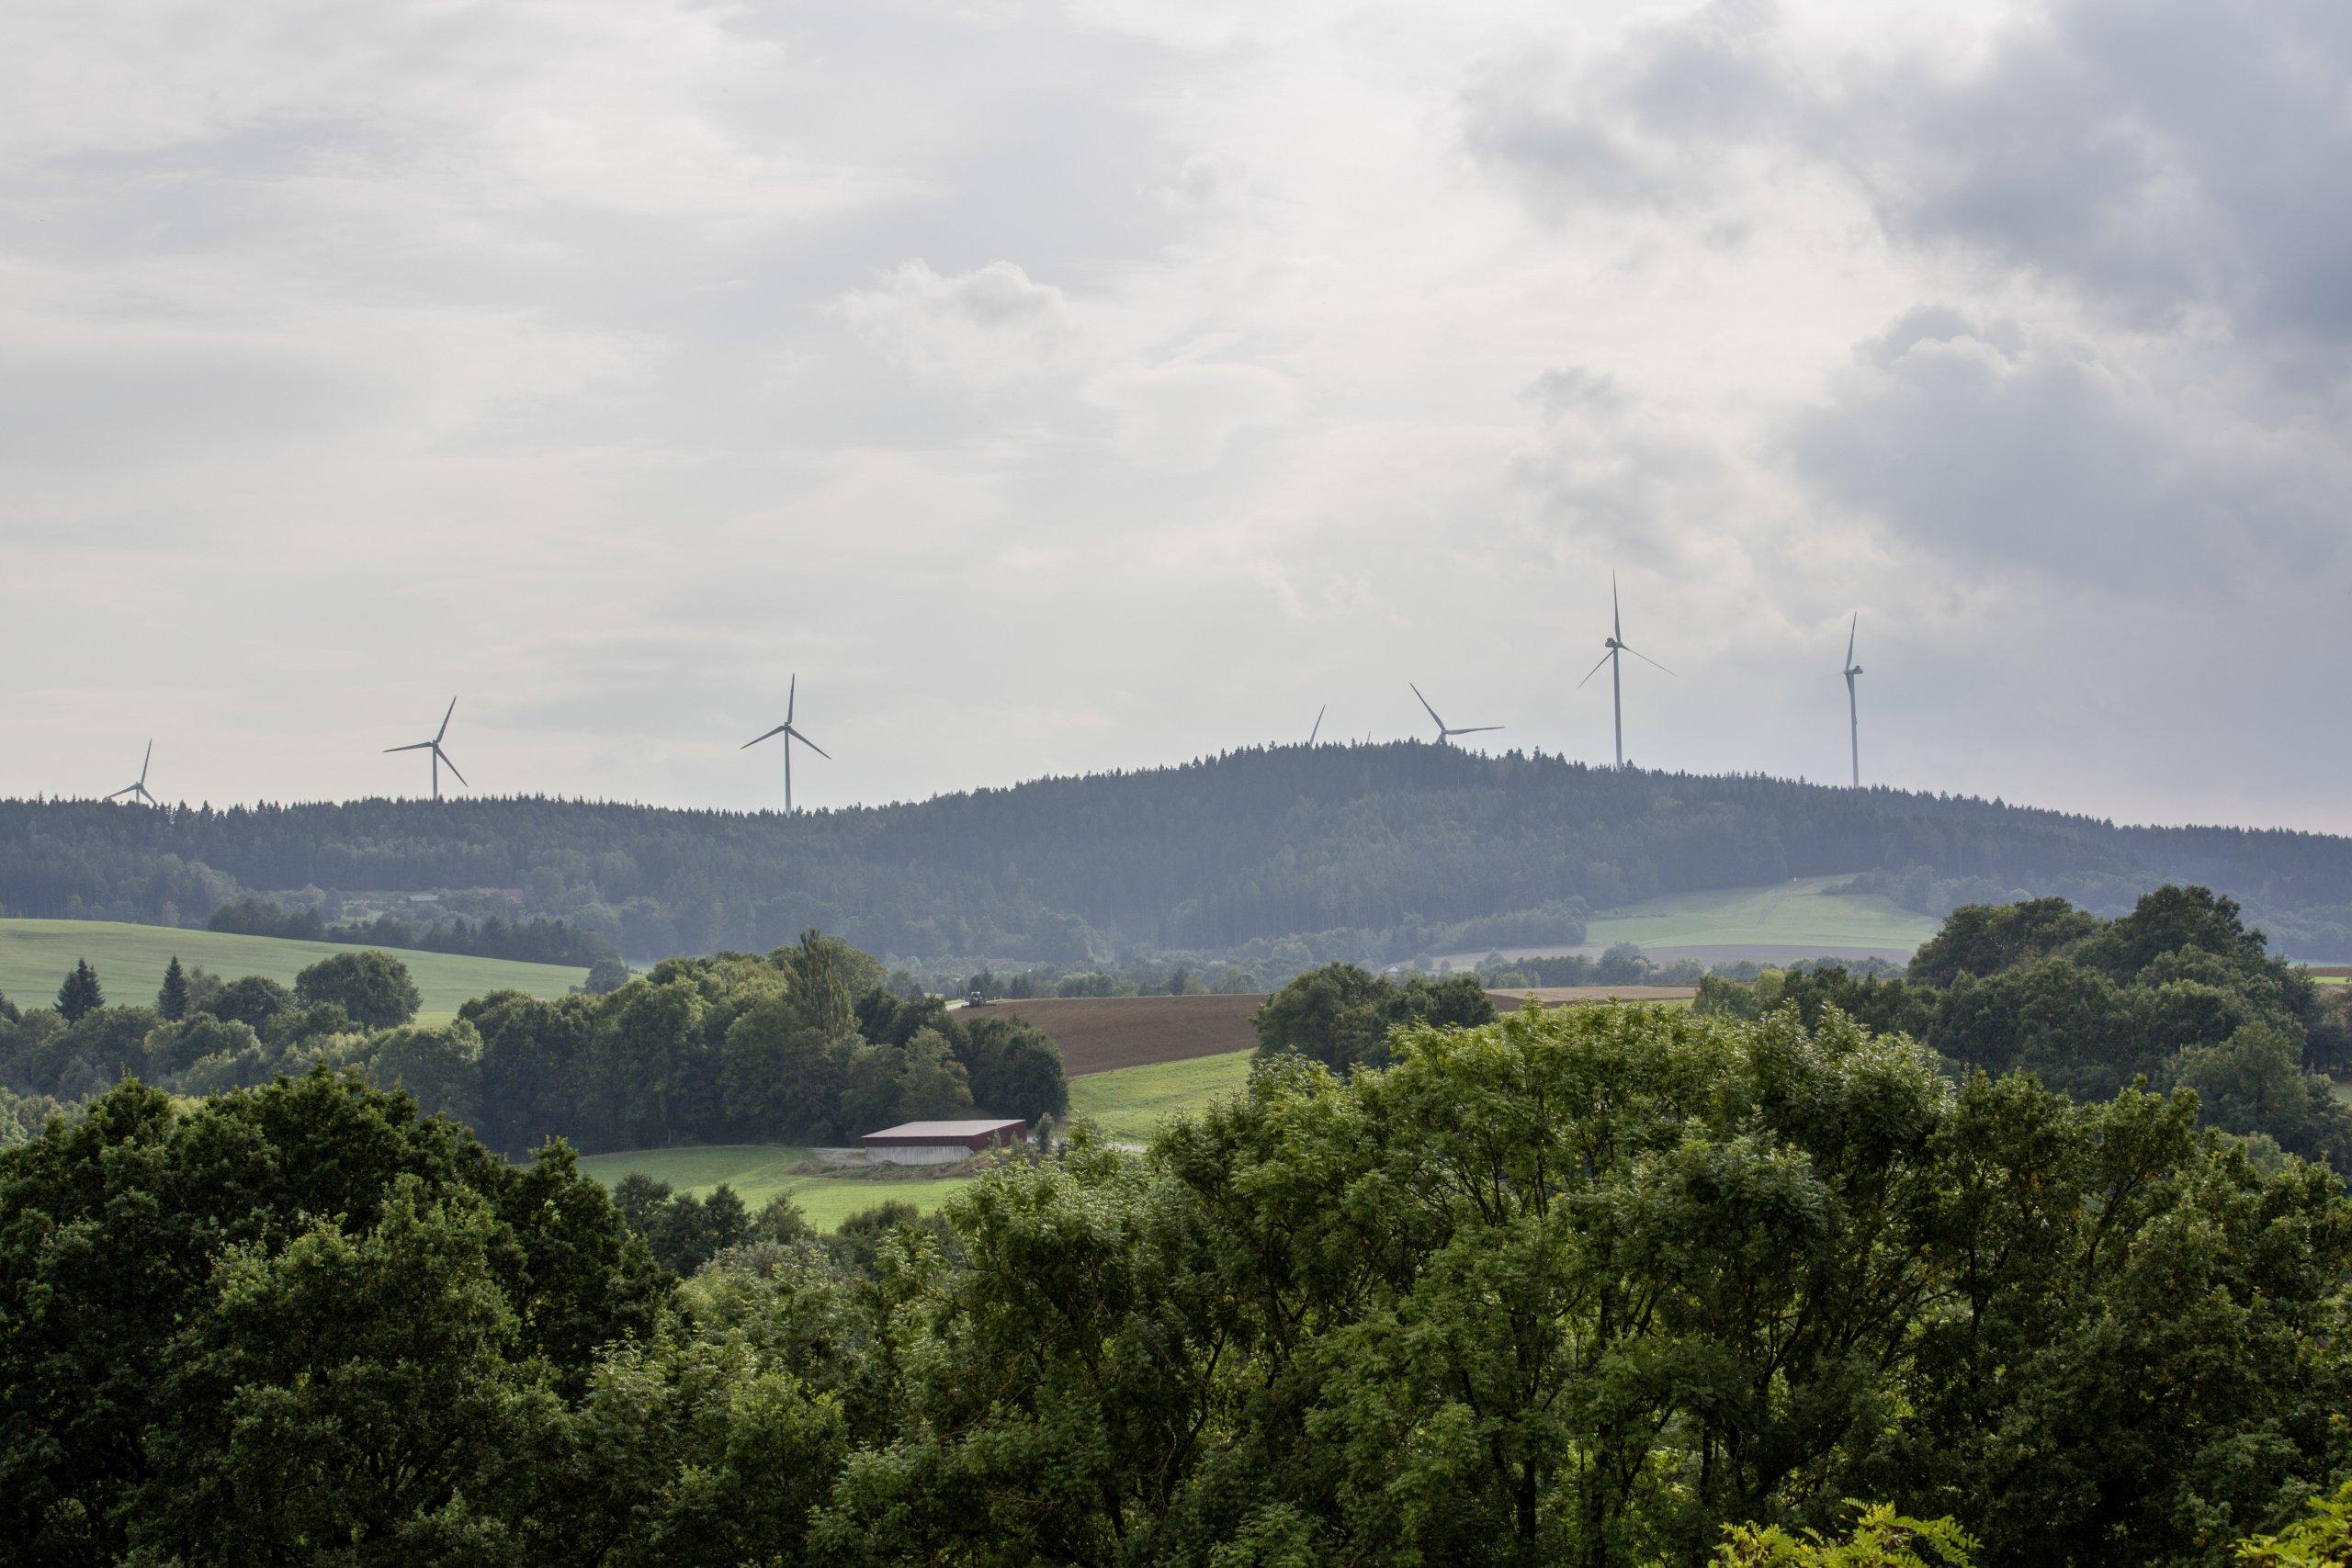 Windenergieanlage und Landschaft-Markus Spiske auf Pixabay